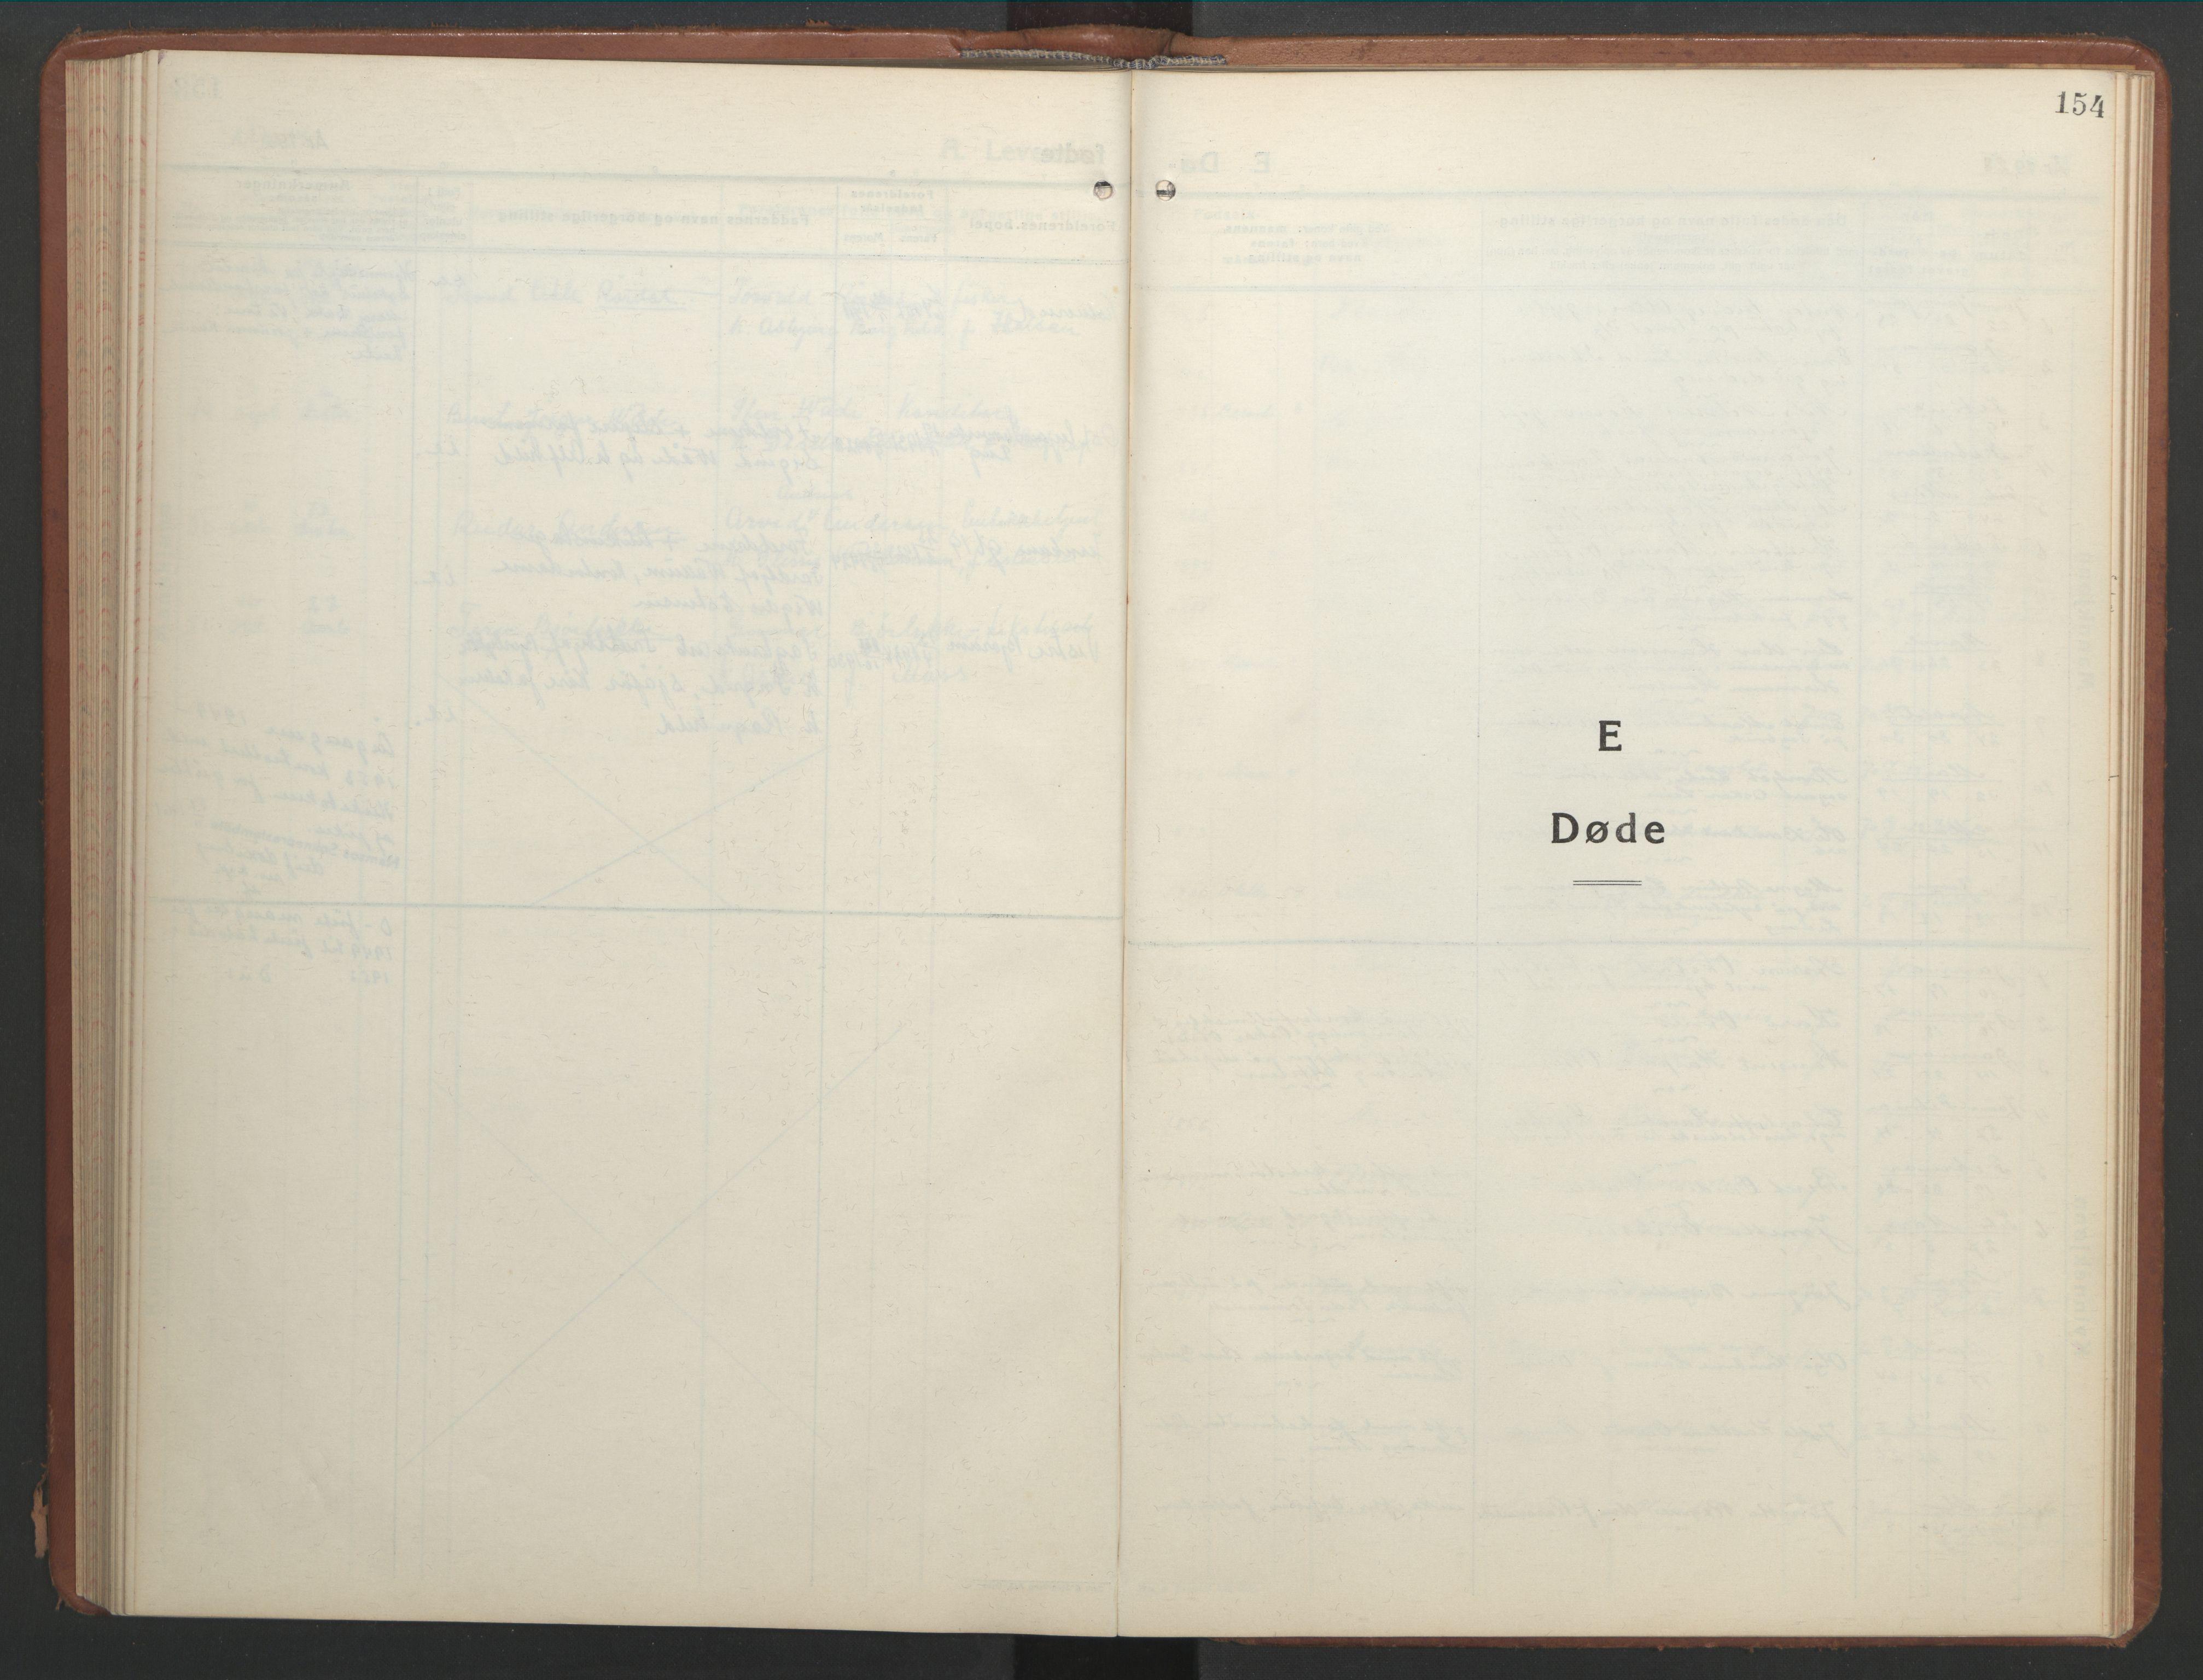 SAT, Ministerialprotokoller, klokkerbøker og fødselsregistre - Nord-Trøndelag, 768/L0583: Klokkerbok nr. 768C01, 1928-1953, s. 154